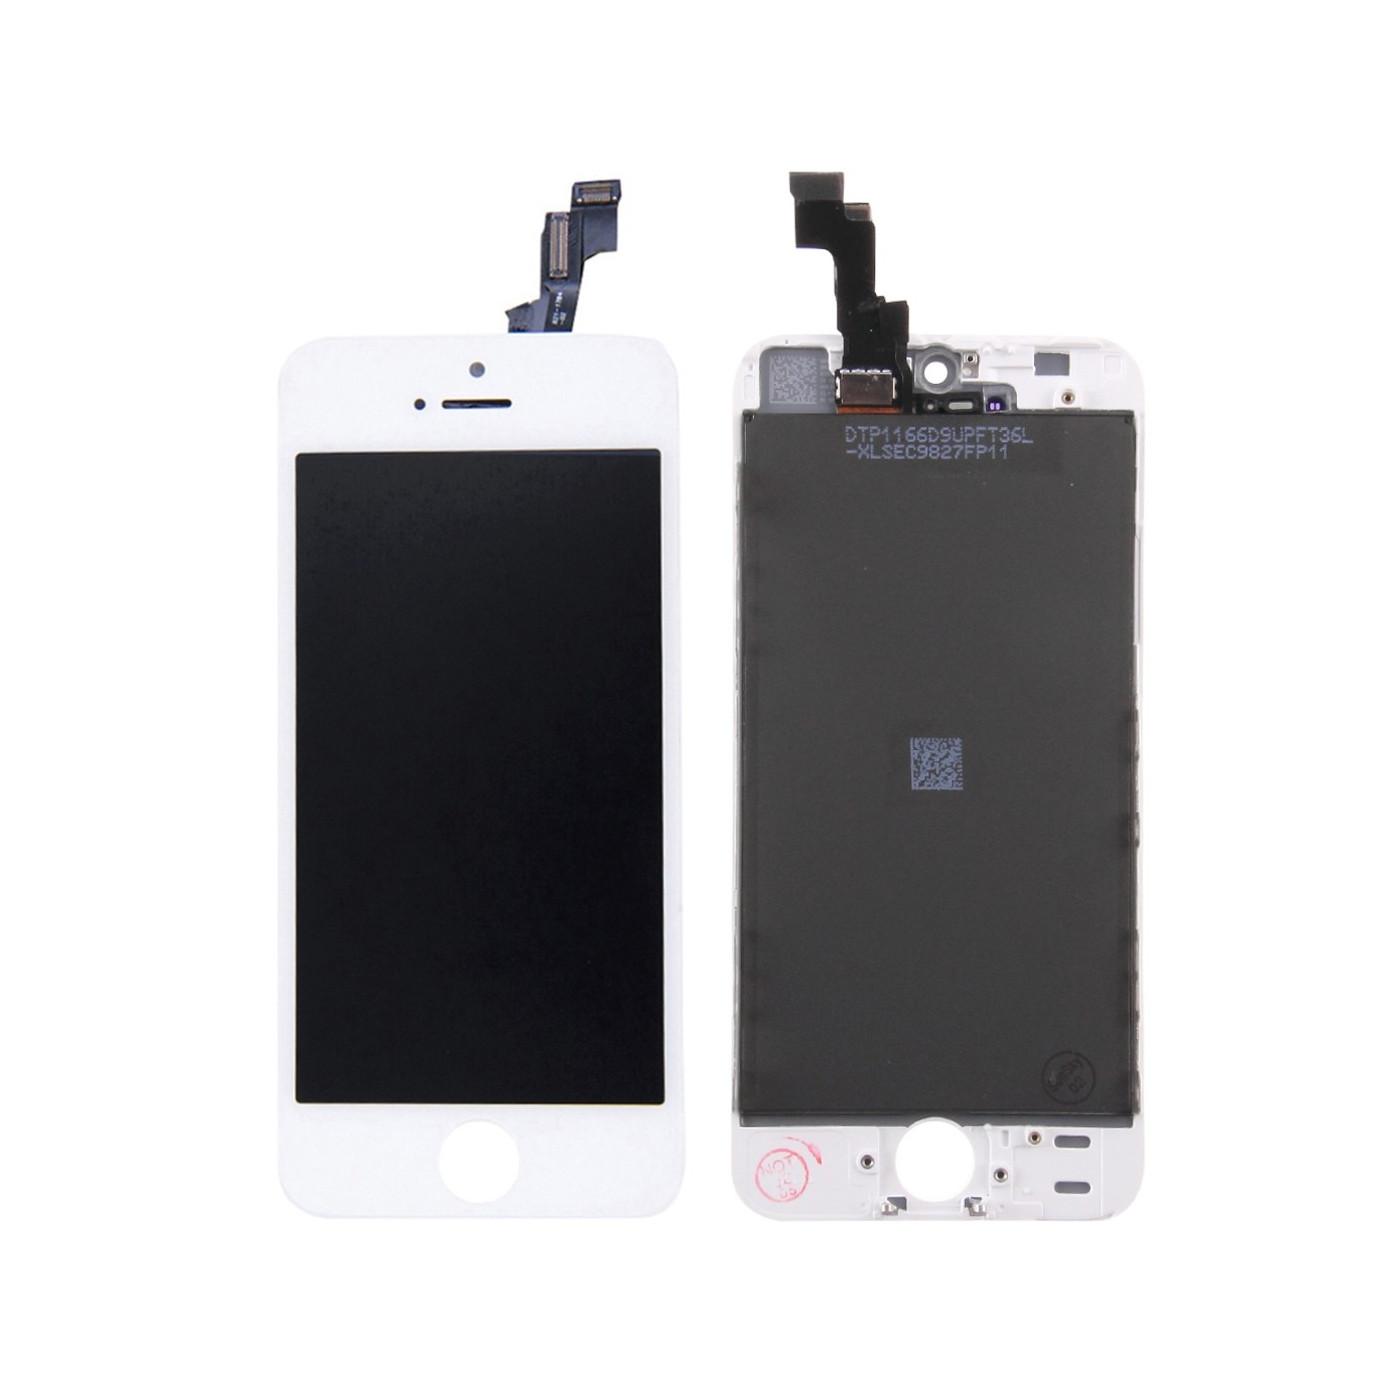 AFFICHEUR LCD TACTILE VERRE pour Apple iPhone 5S BLANC TIANMA ÉCRAN ORIGINAL